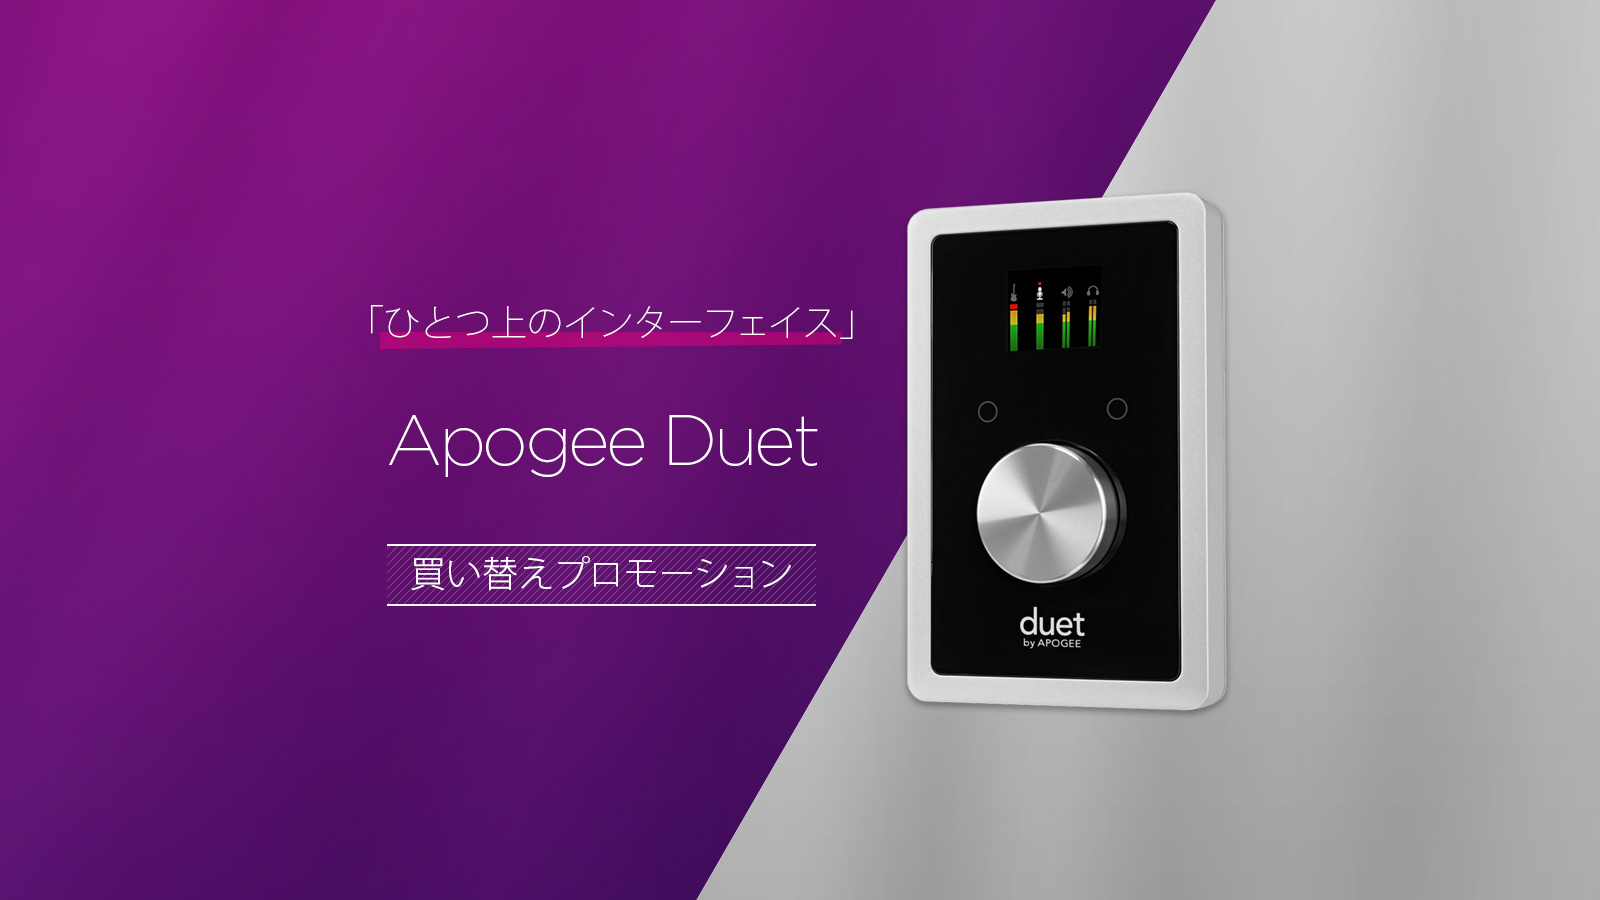 数量限定!「ひとつ上のインターフェイス」Apogee Duet 買い替えプロモーション